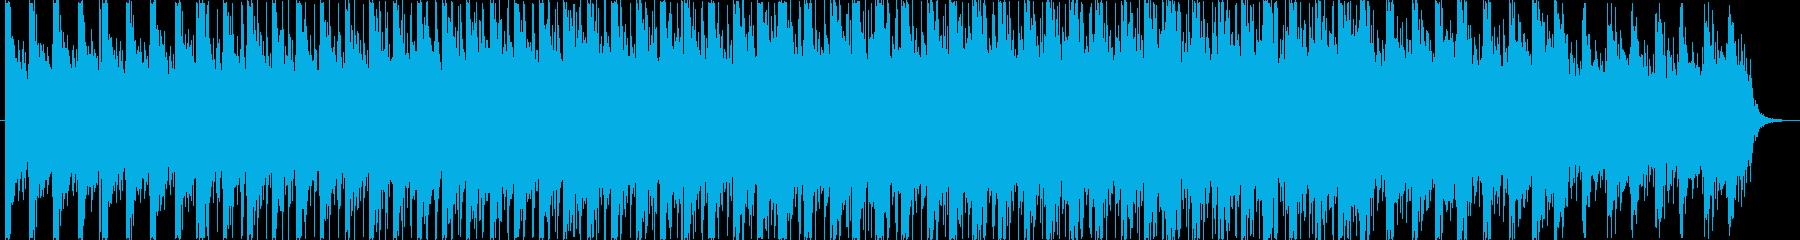 無機質なイメージのエレクトロニカBGMの再生済みの波形